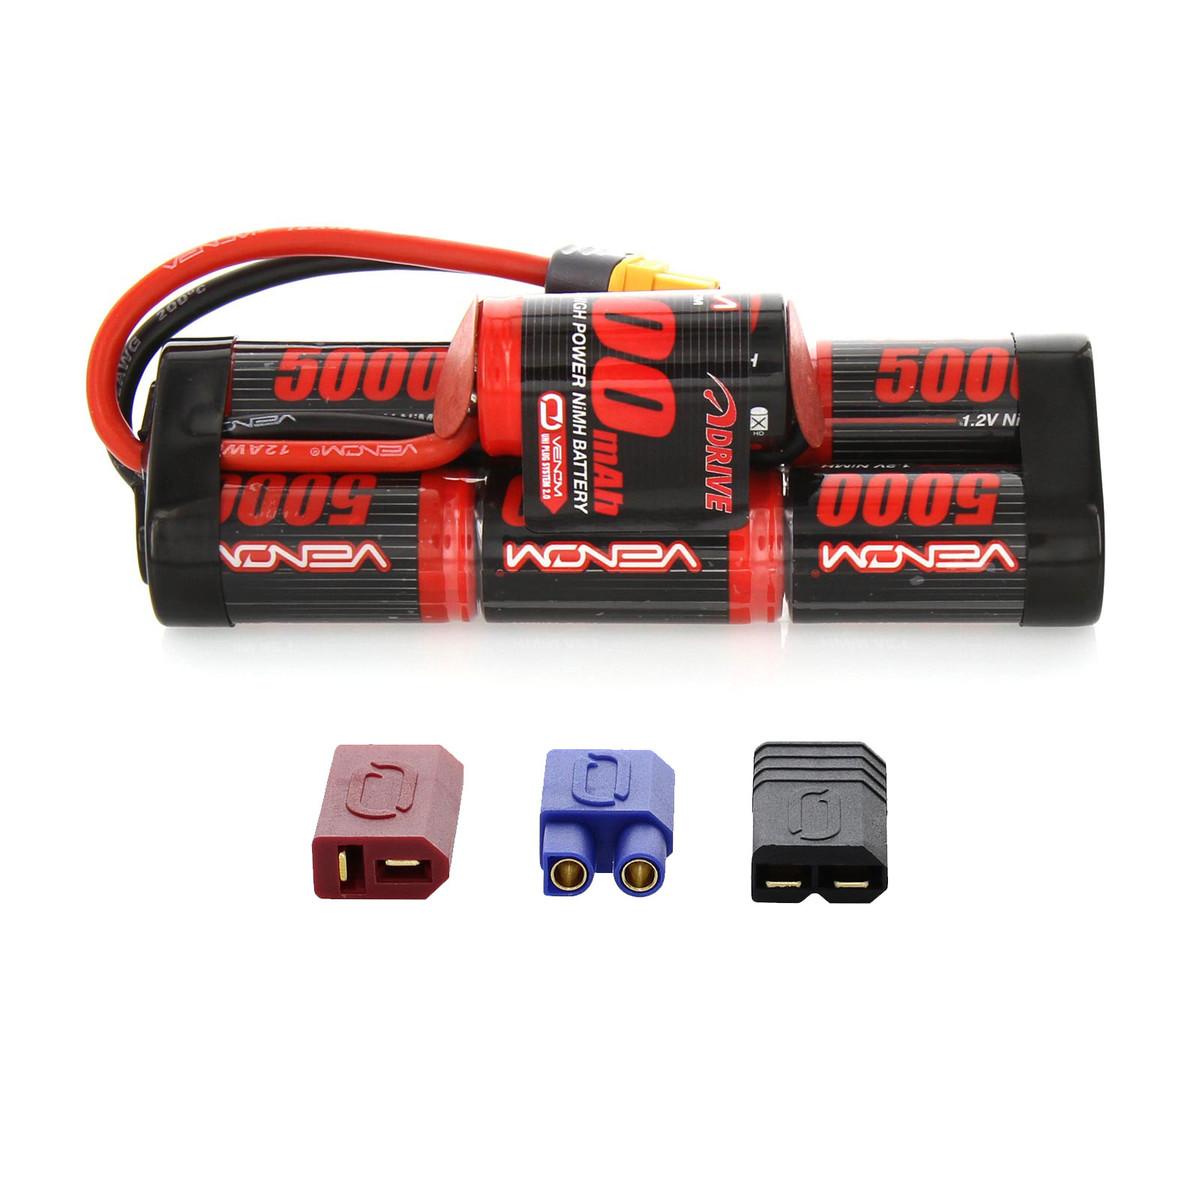 DRIVE 8.4V 5000mAh NiMH Hump Pack  : UNI 2.0 Plug VNR15487